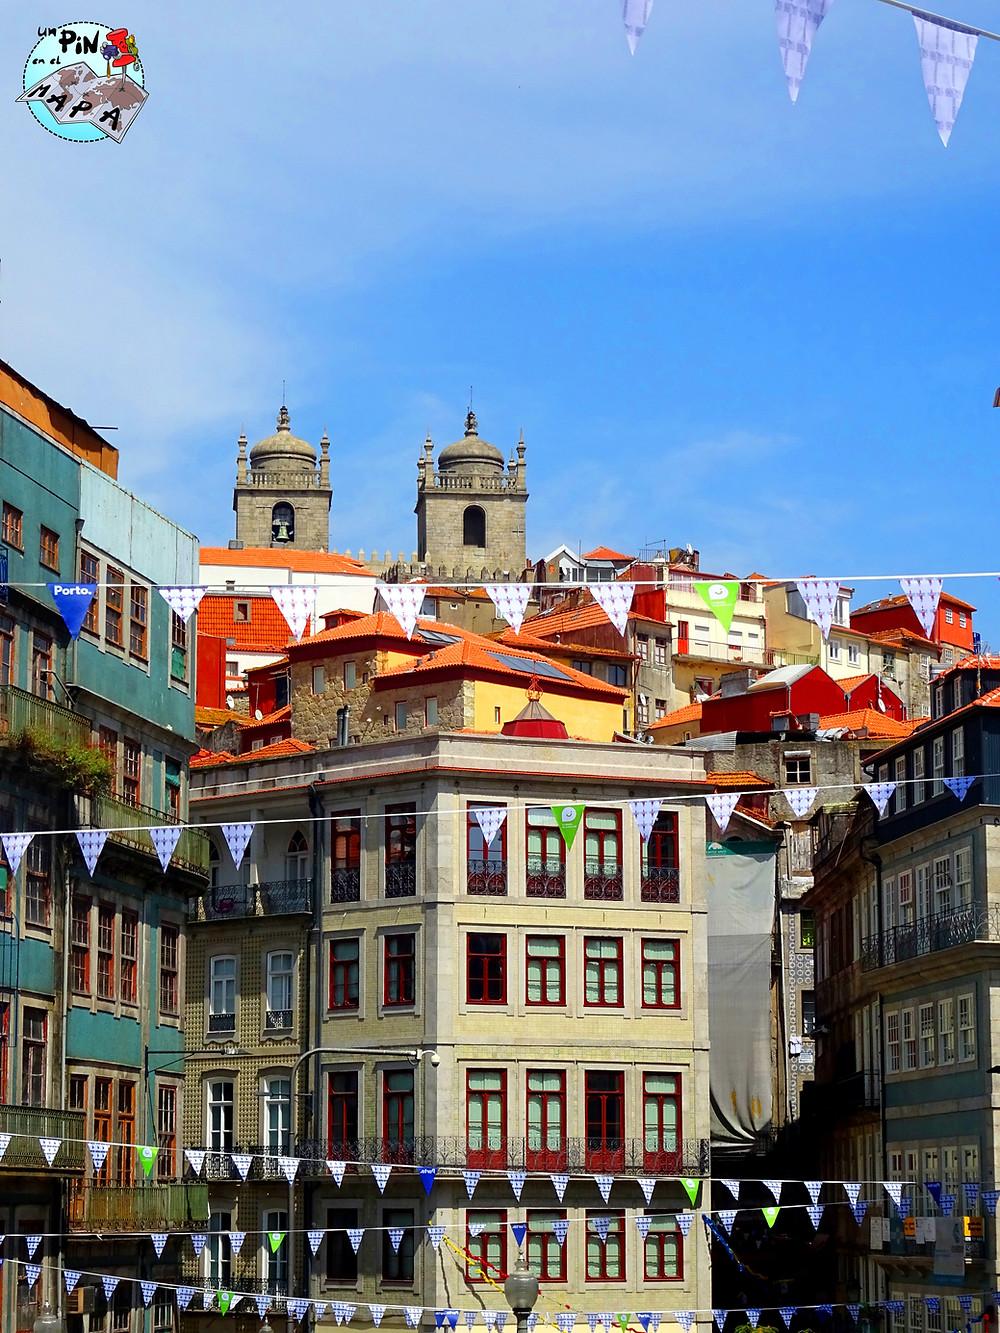 Oporto | Un Pin en el Mapa